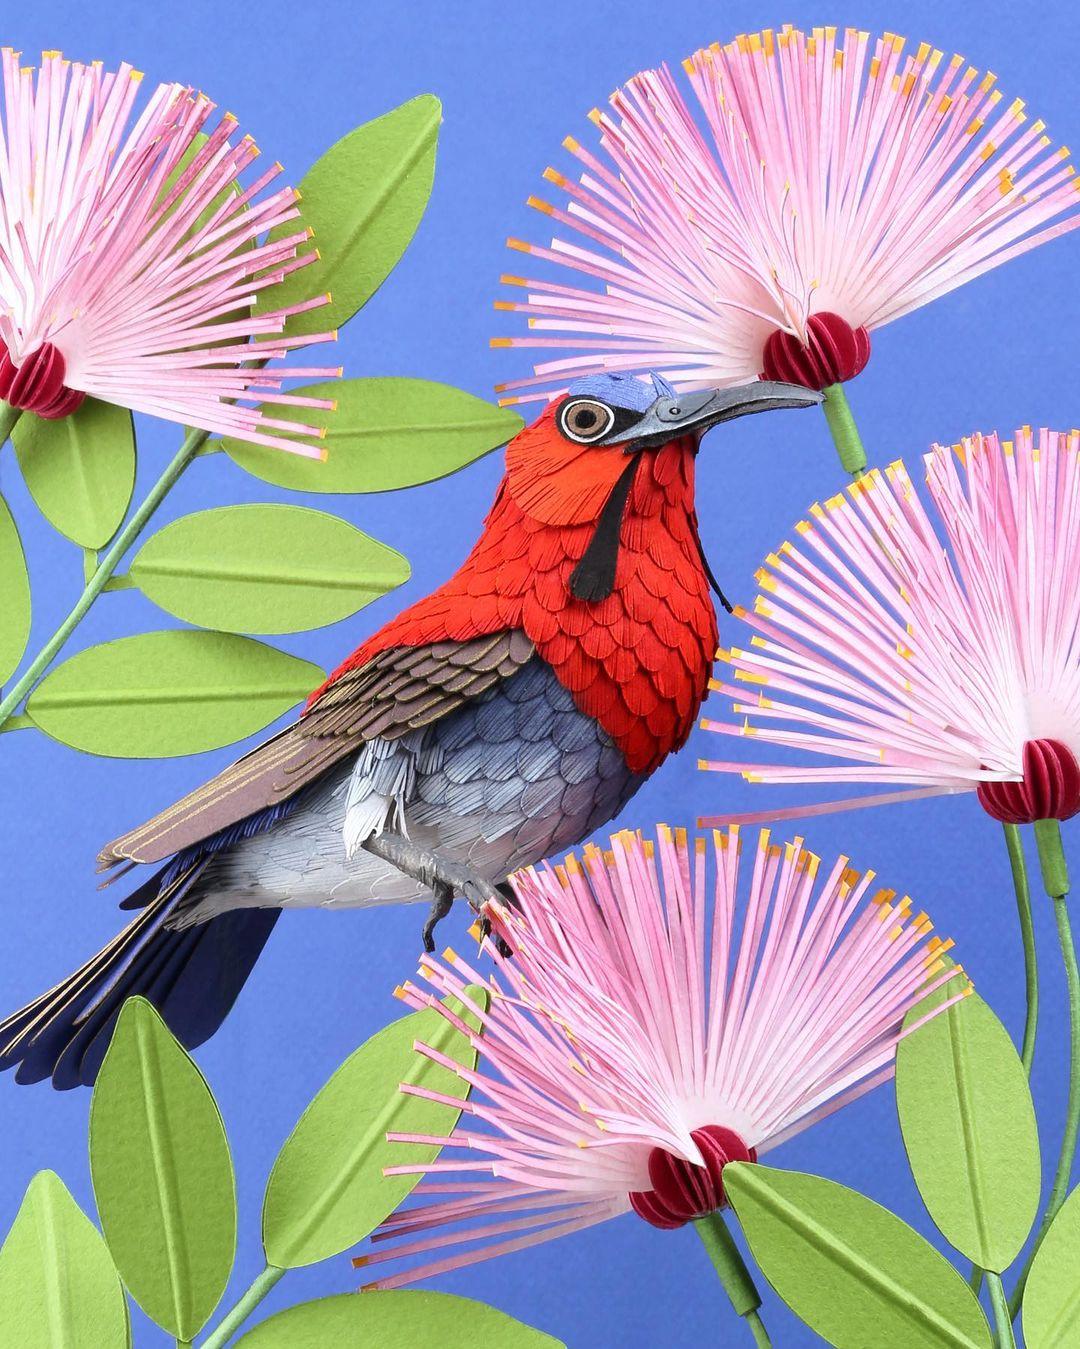 esculturas de papel de aves por Diana Beltrán Herrera